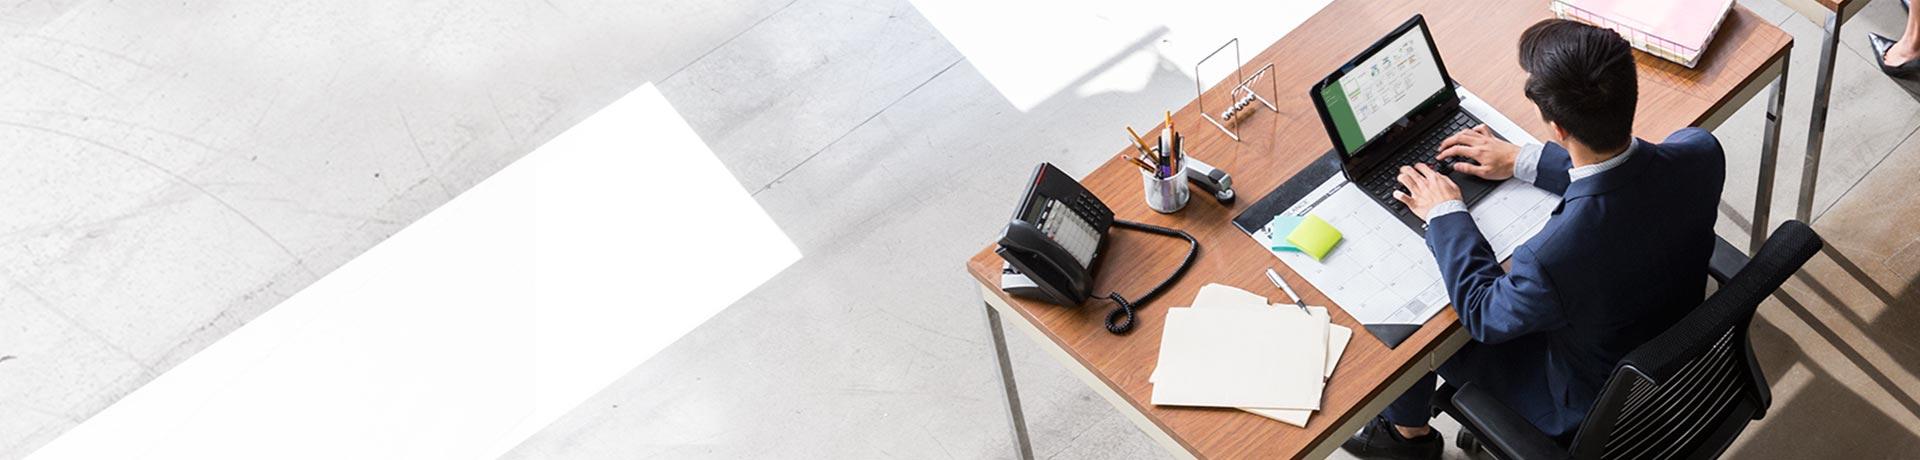 En mann sitter ved et skrivebord på et kontor og jobber med en Microsoft Project-fil på en bærbar datamaskin.